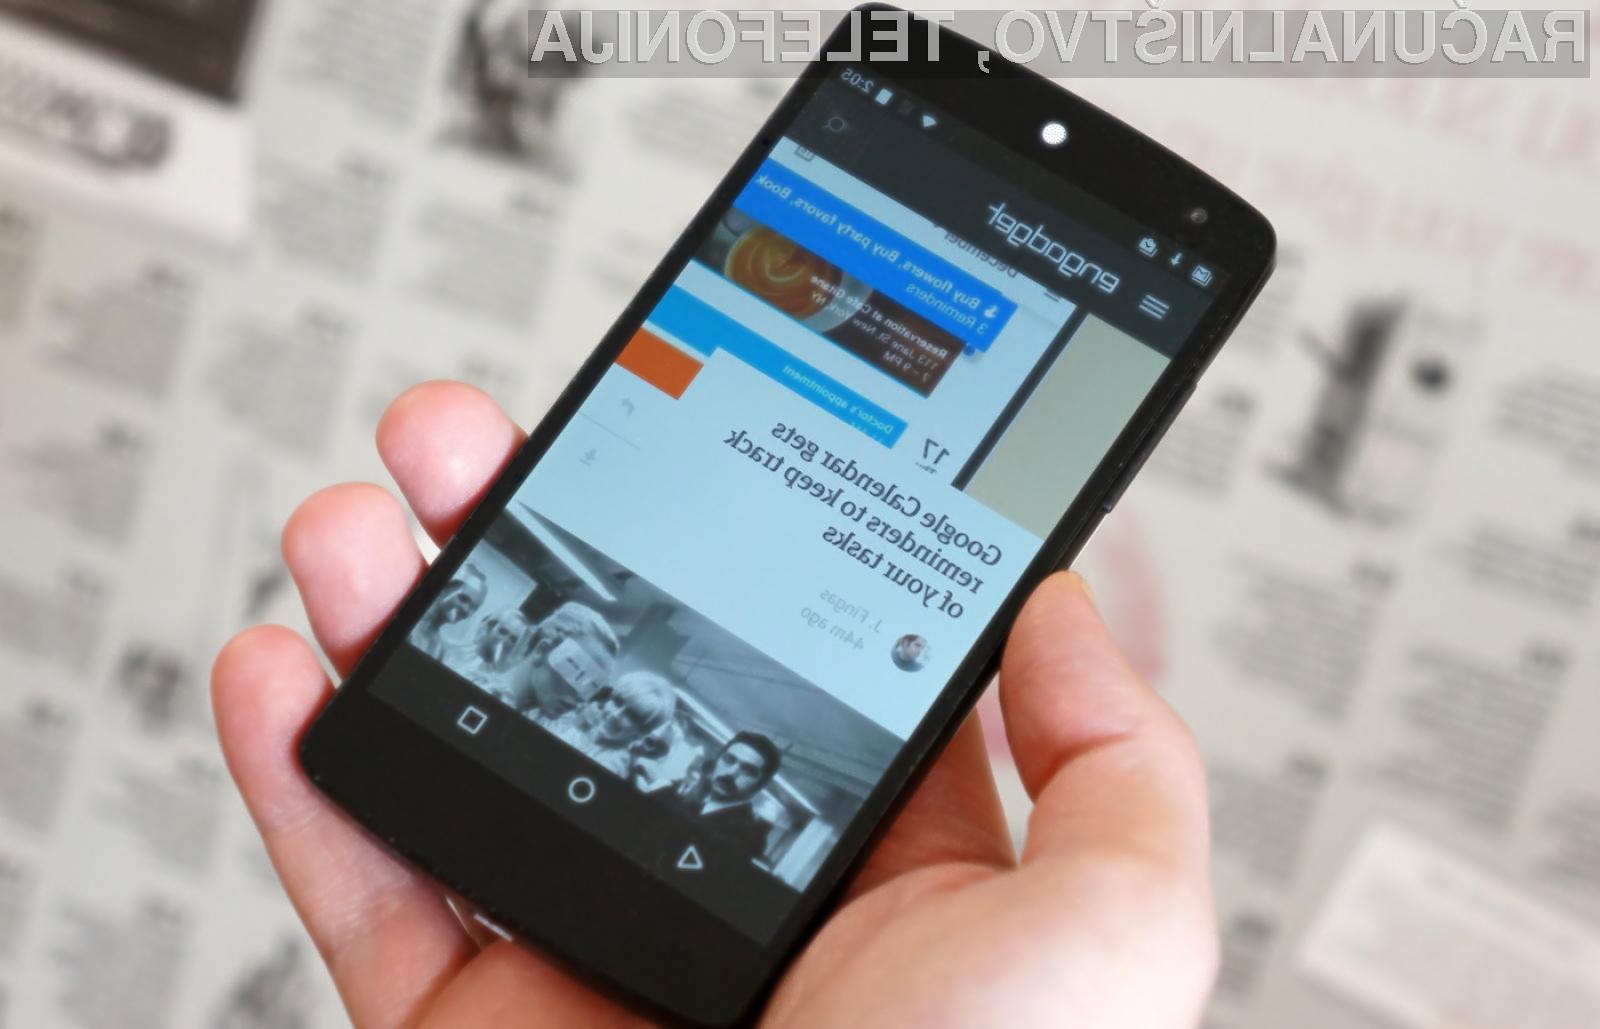 Iskalna vrstica spletnega iskalnika Google za Android naj bi bila postavljena na dnu zaslona!